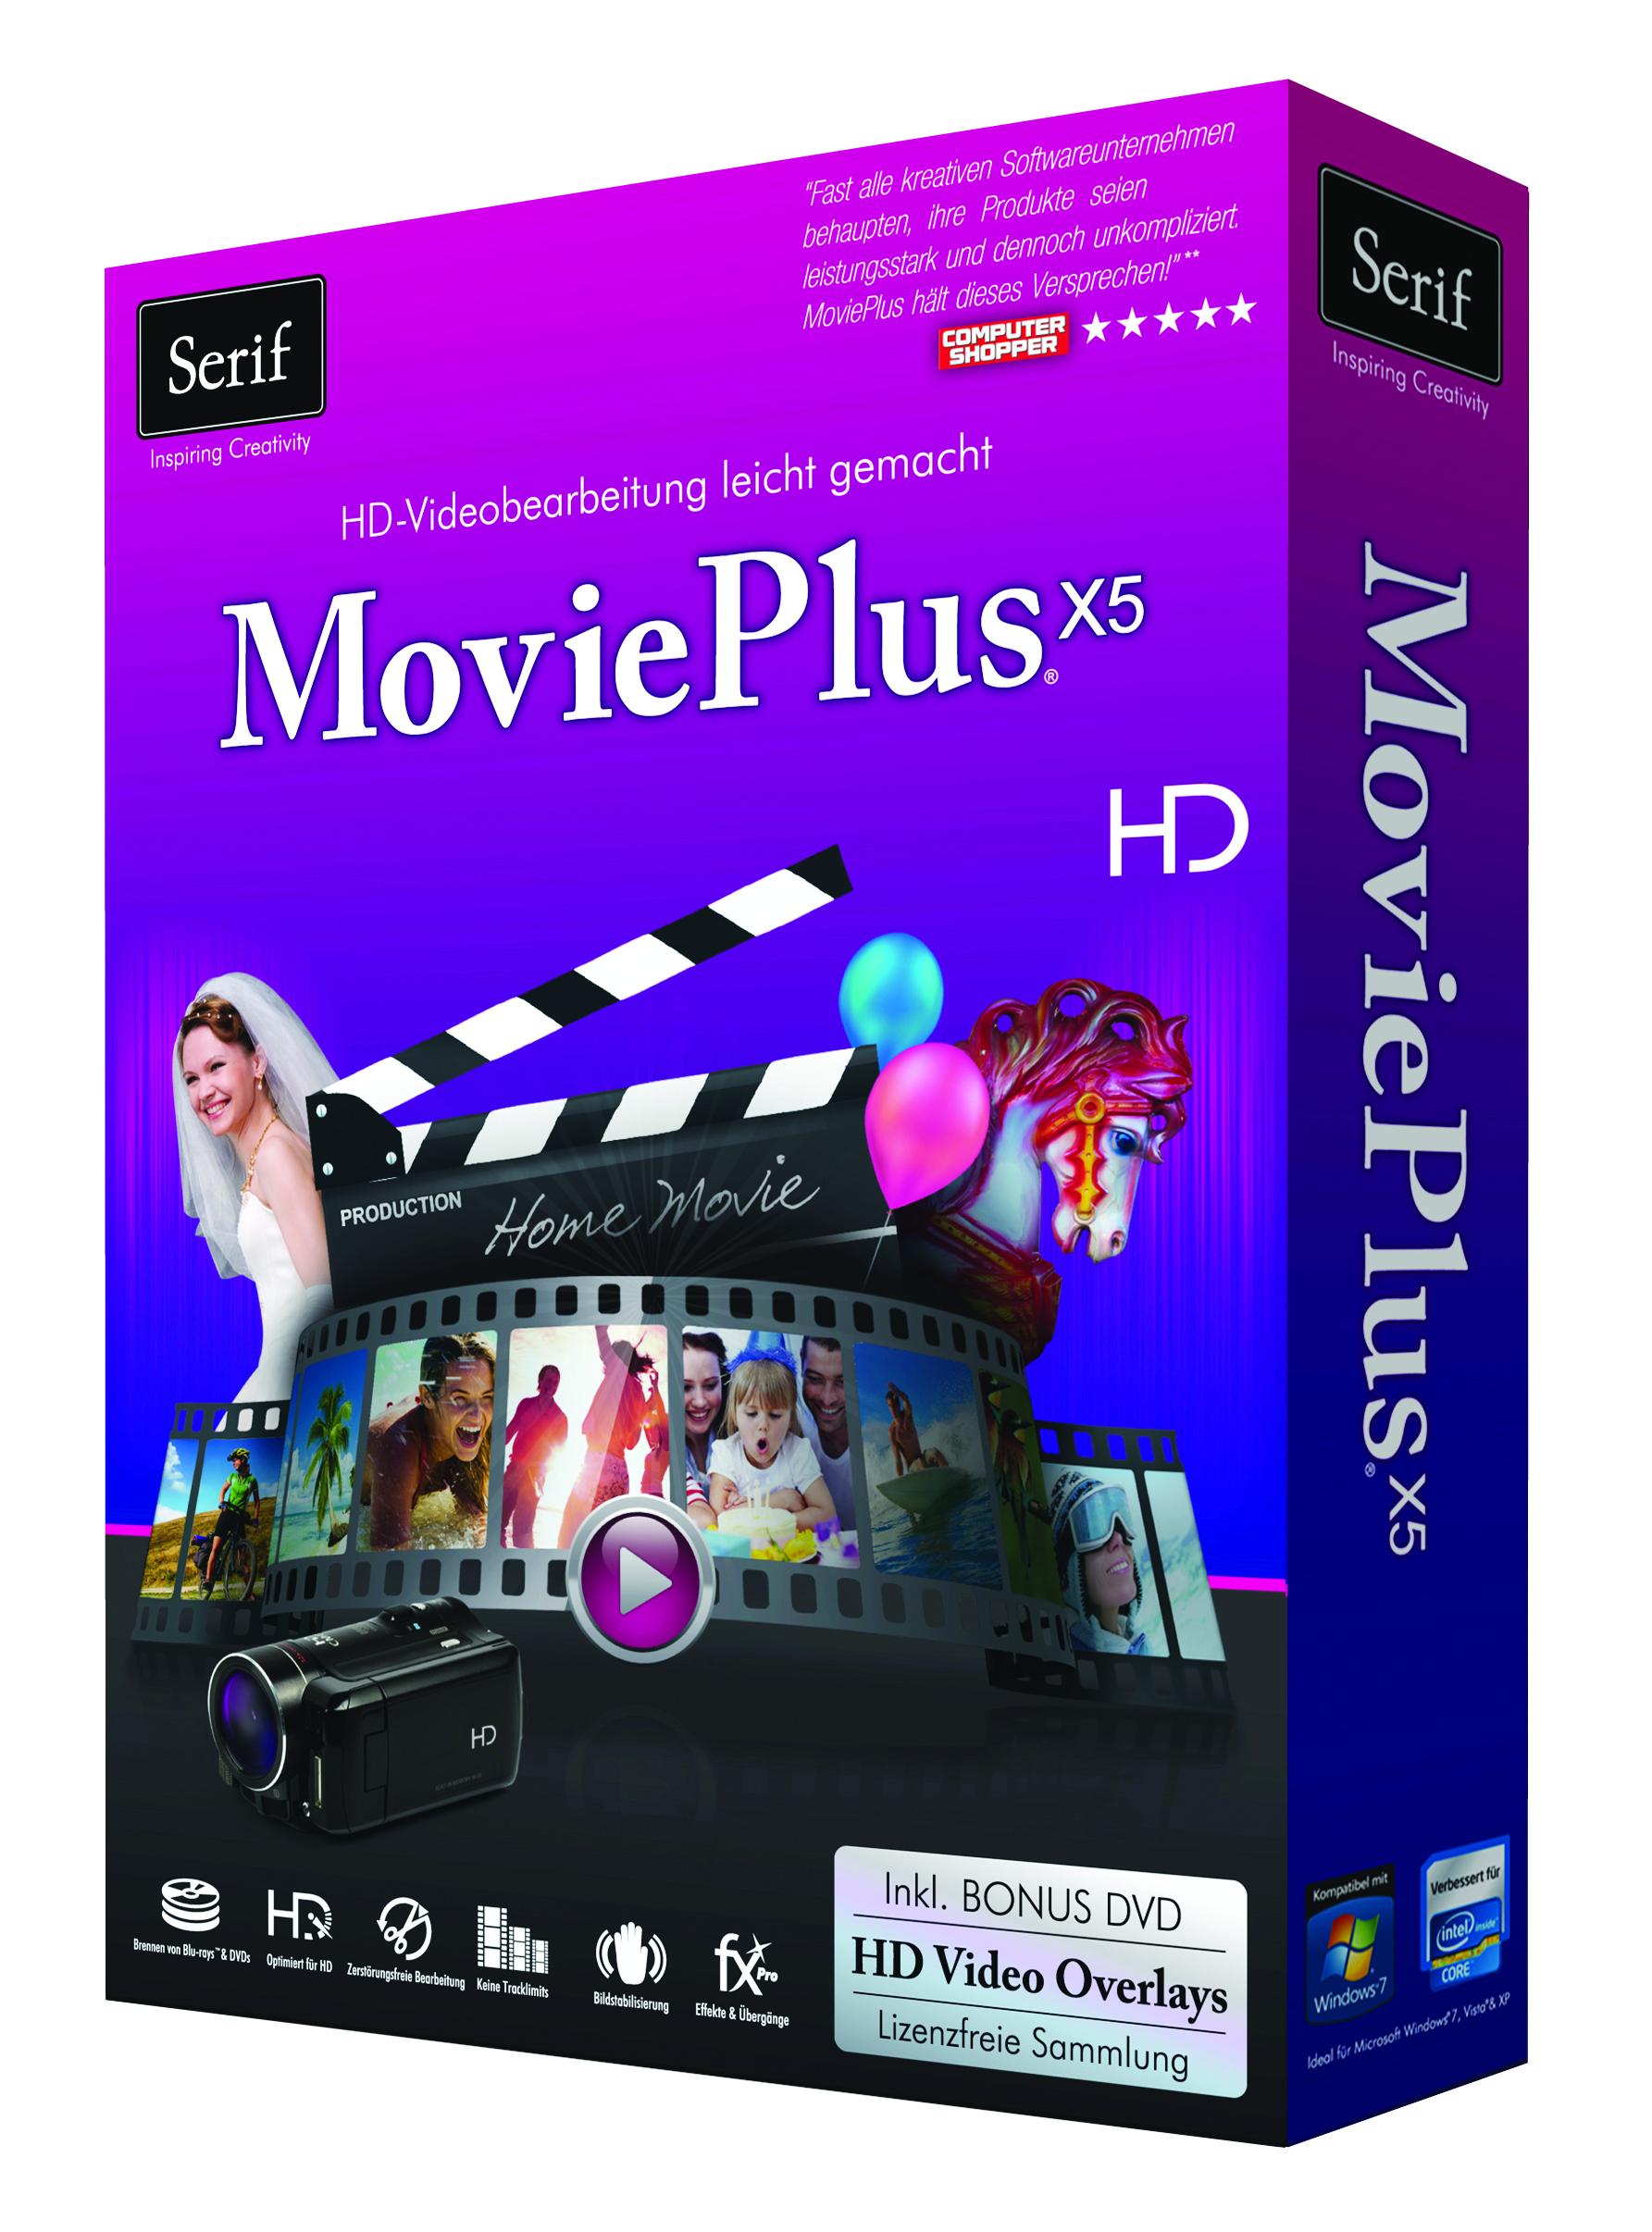 MoviePlusX5 3D front rechts 300dpi CMYK